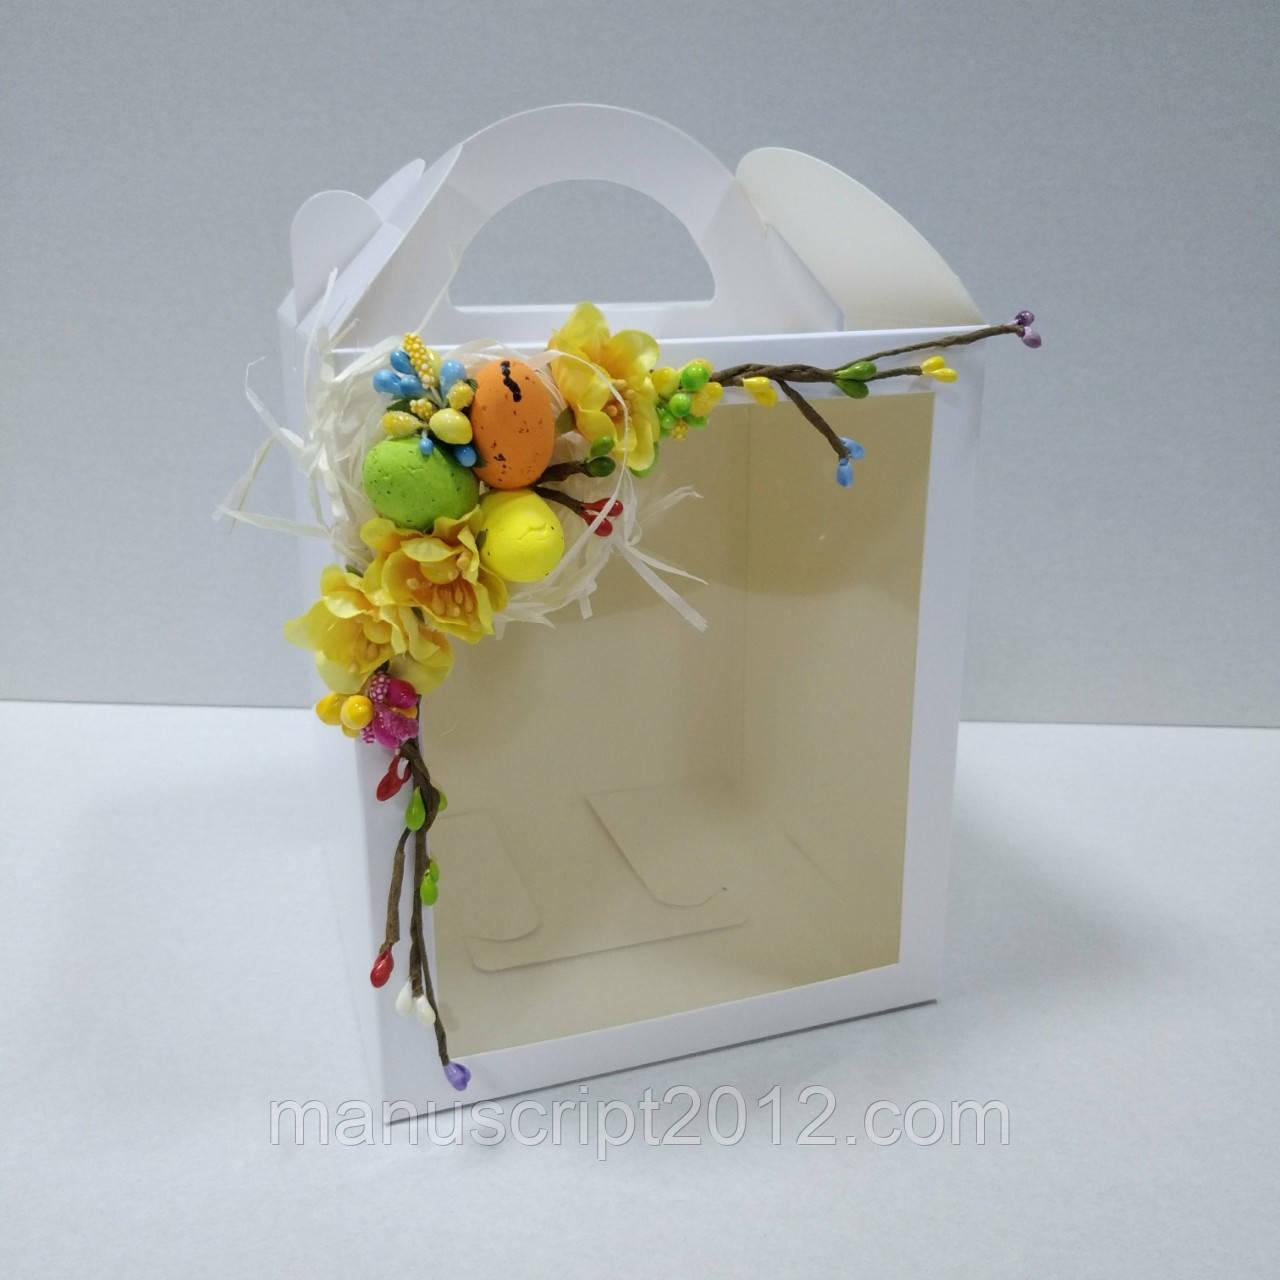 Коробка для паски, пряникових будинків і подарунків з декором (160*160*190 мм)